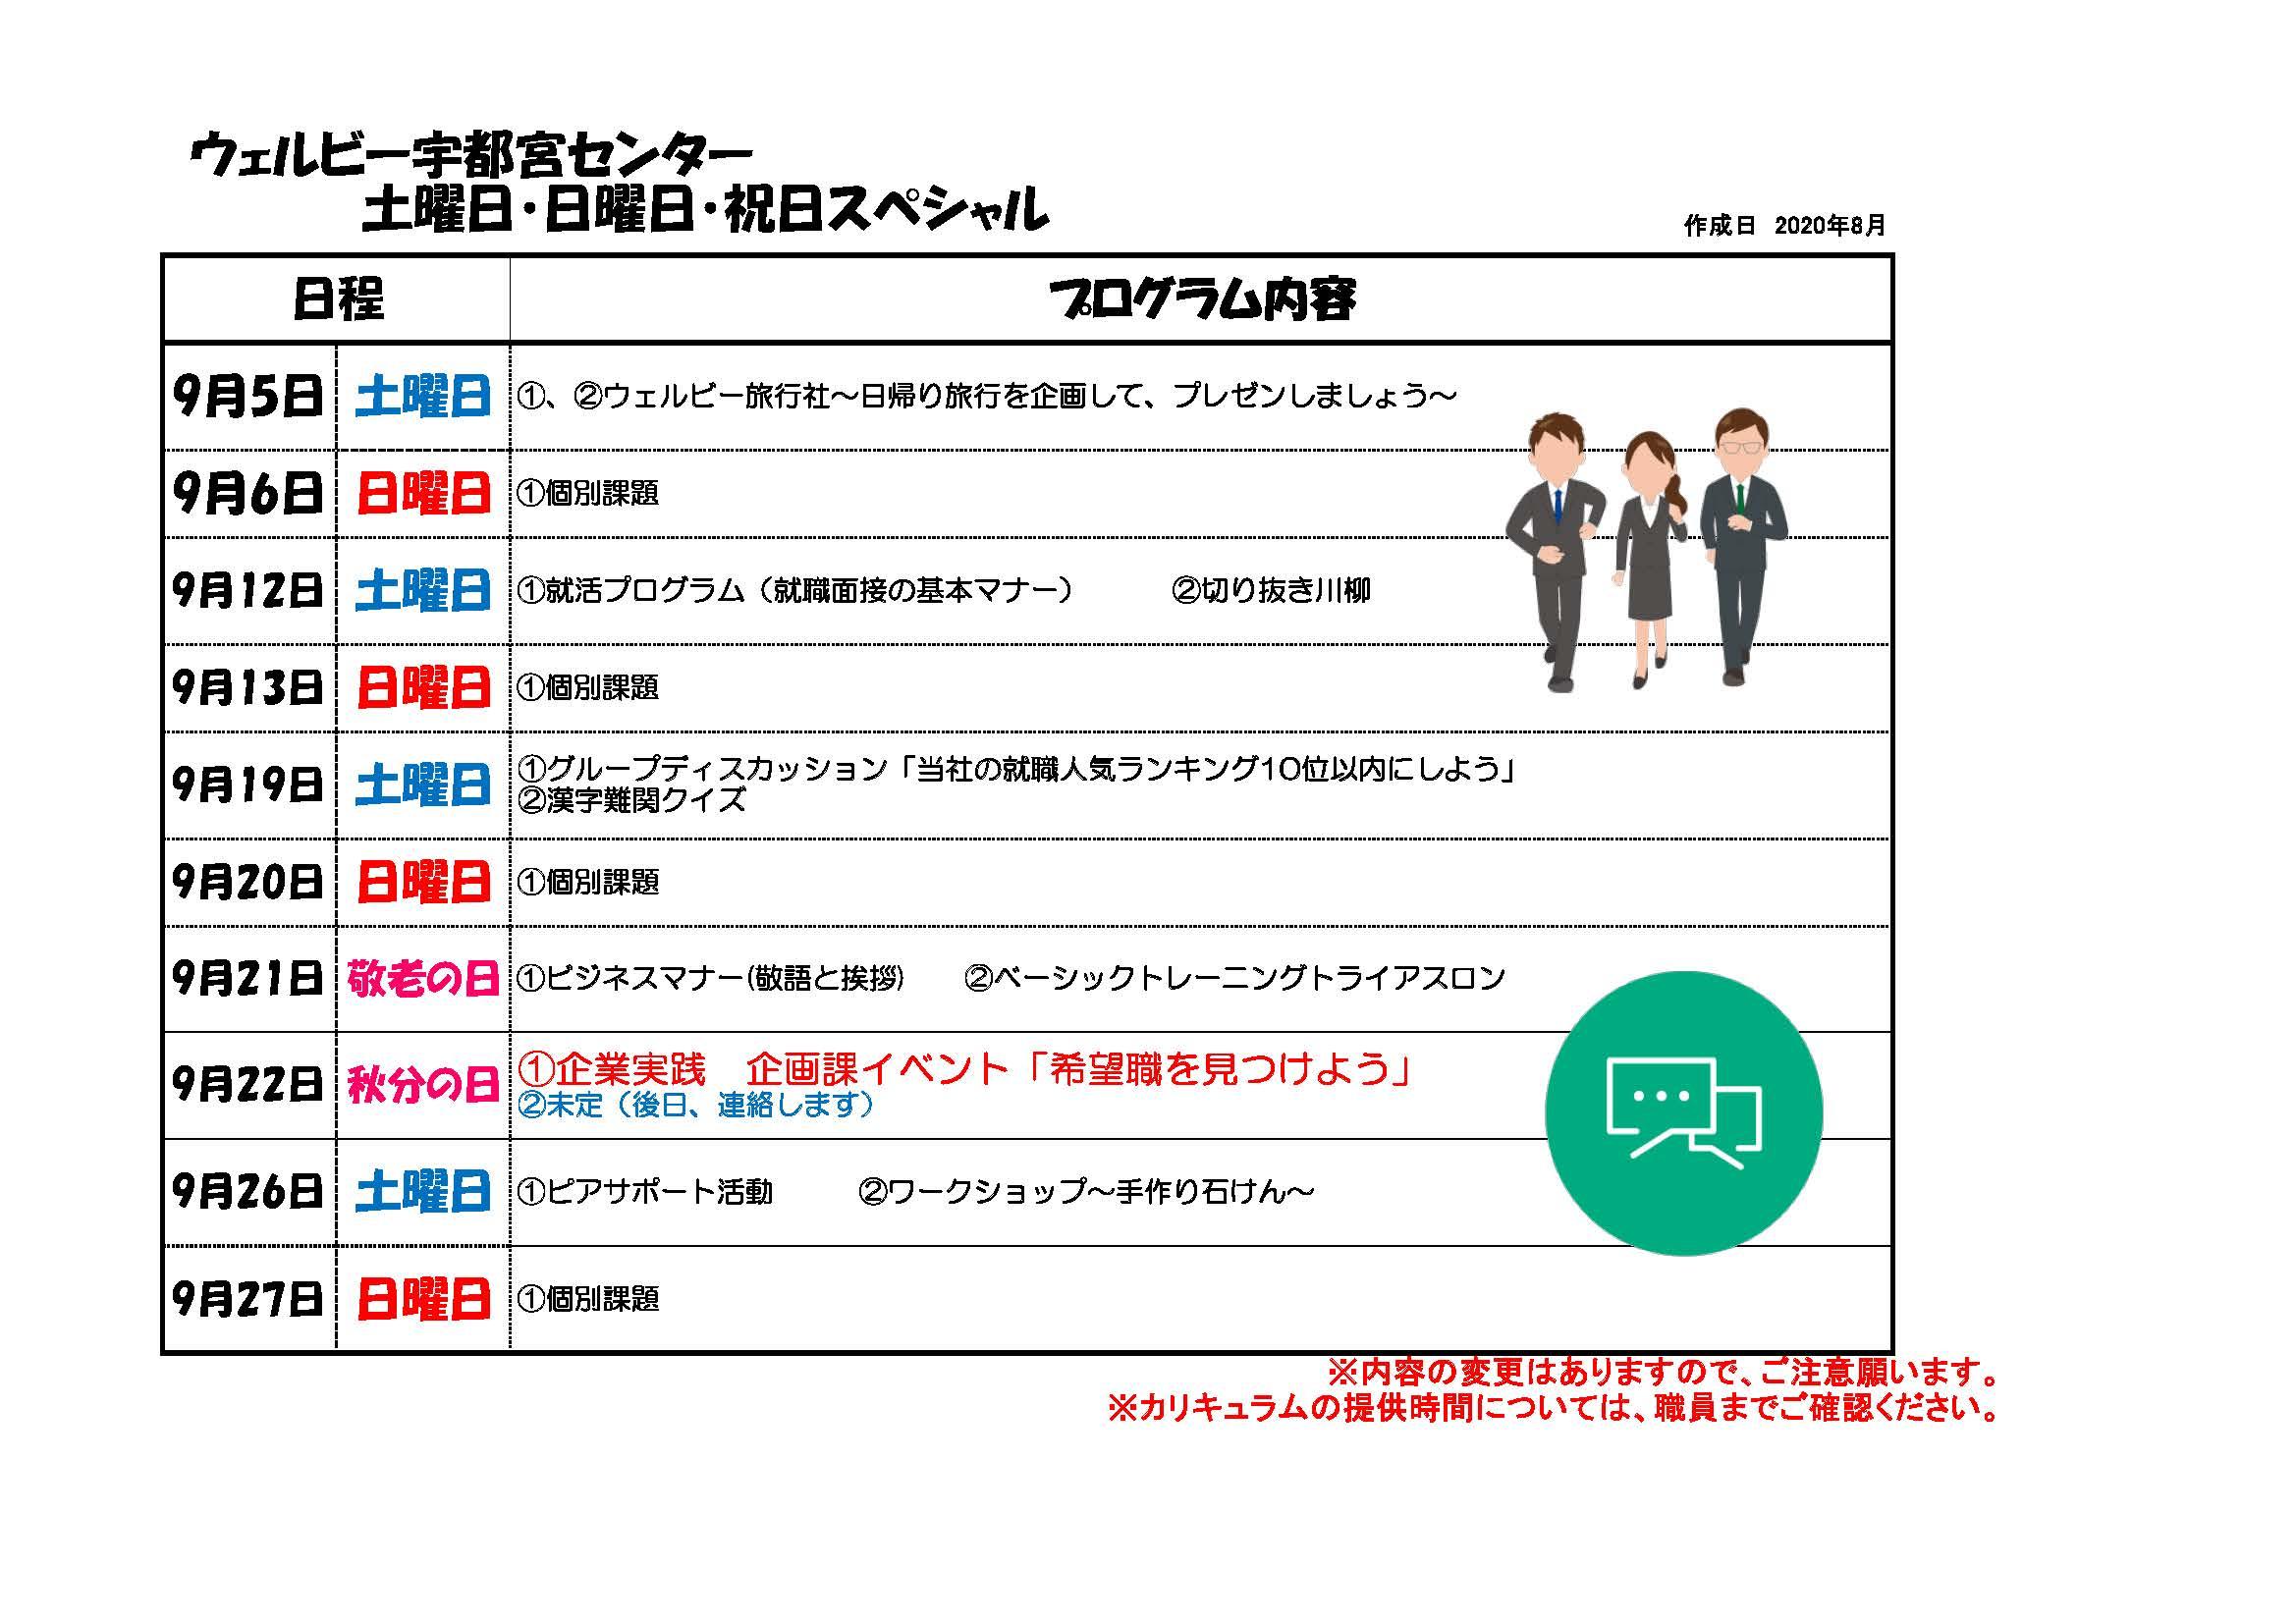 【ブログ用】2020.9月土日祝日予定表